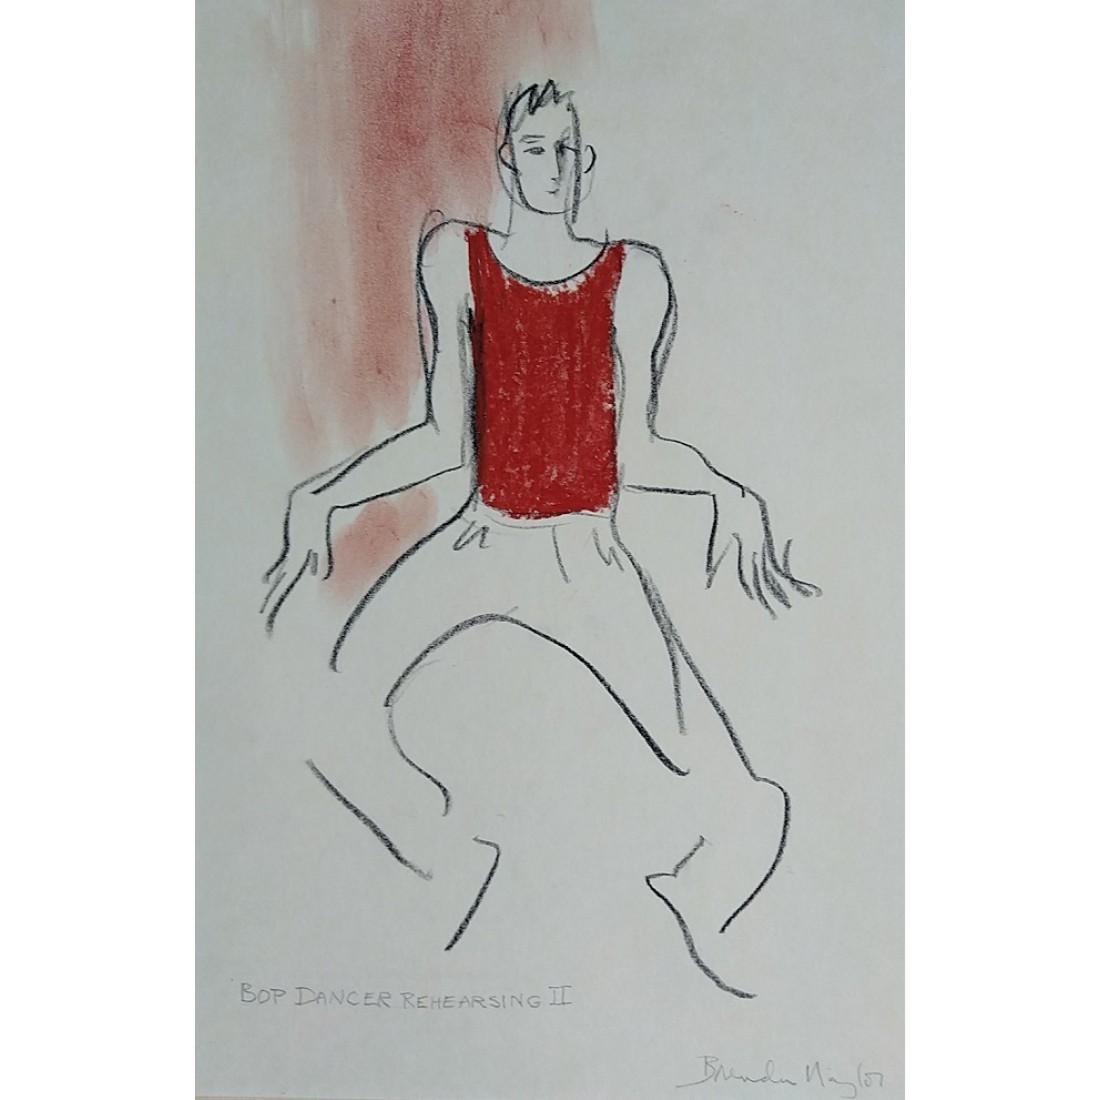 245 B.O.P. Dancer